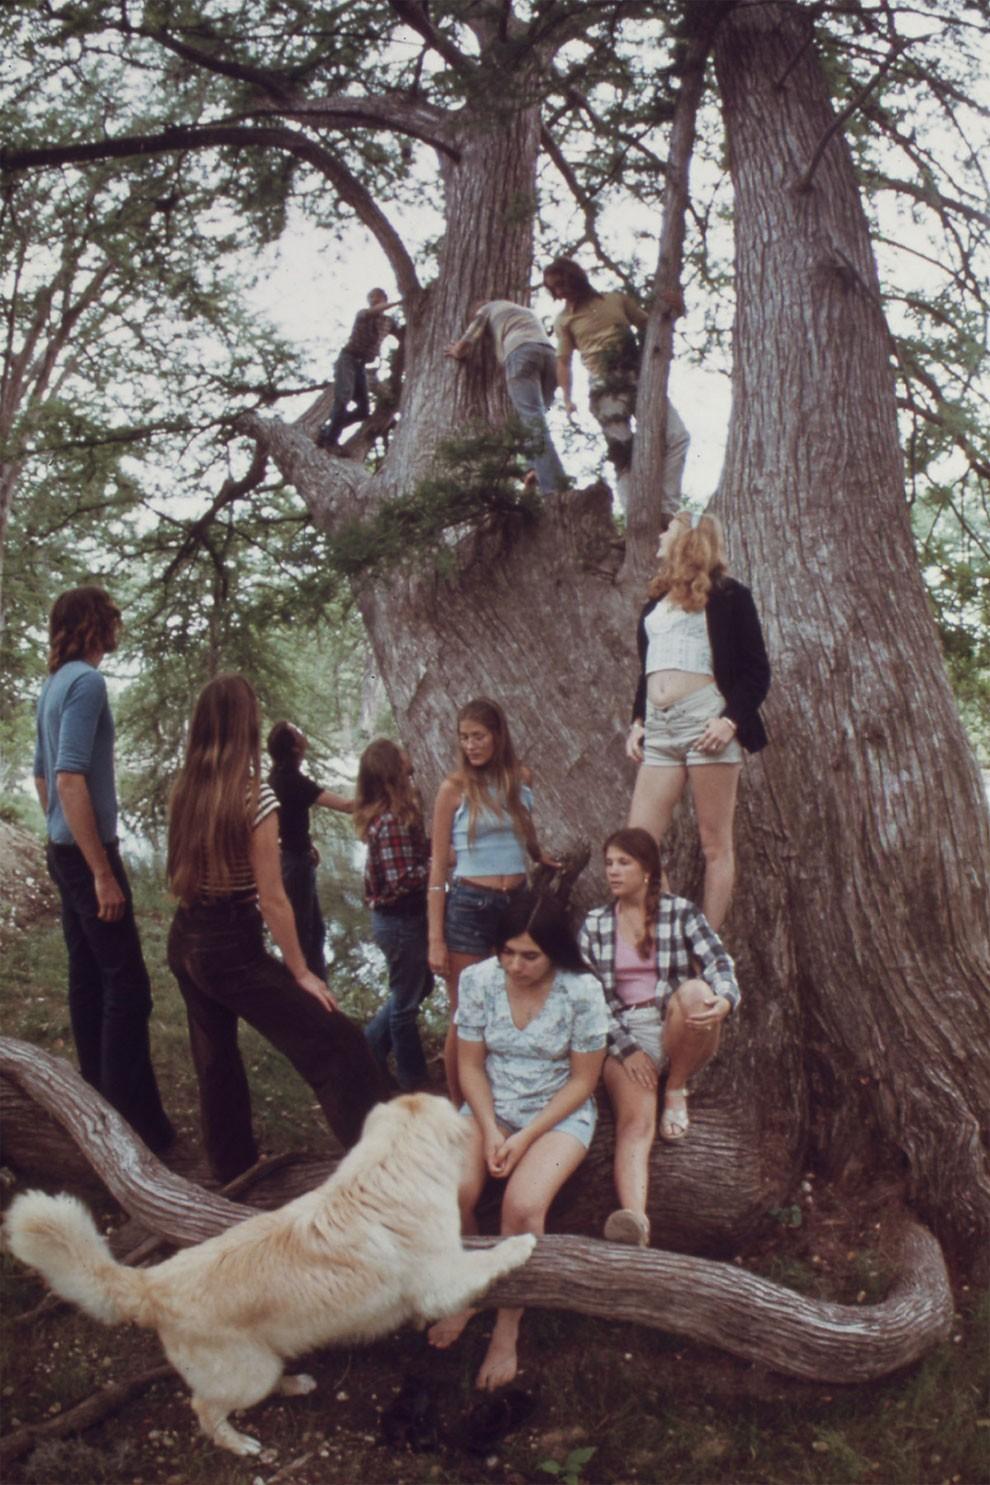 adolescenti-fumano-erba-america-1973-marc-san-gil-13